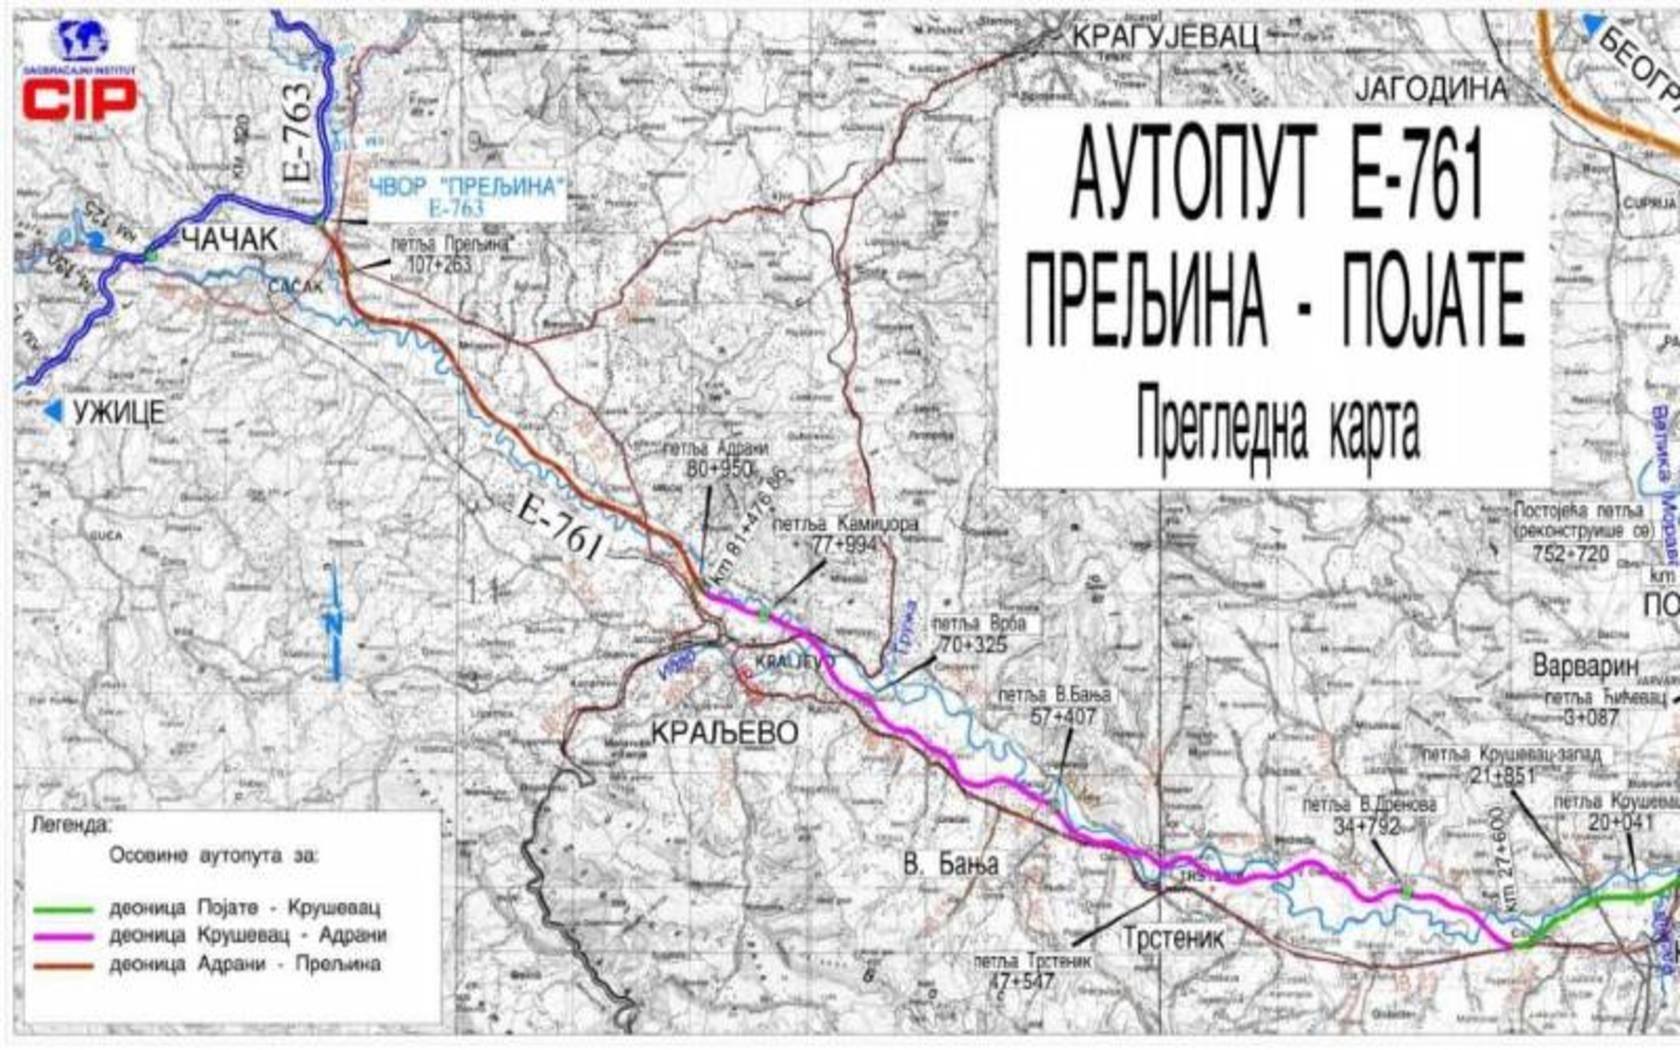 Detaljna Trasa Moravskog Koridora Mapa